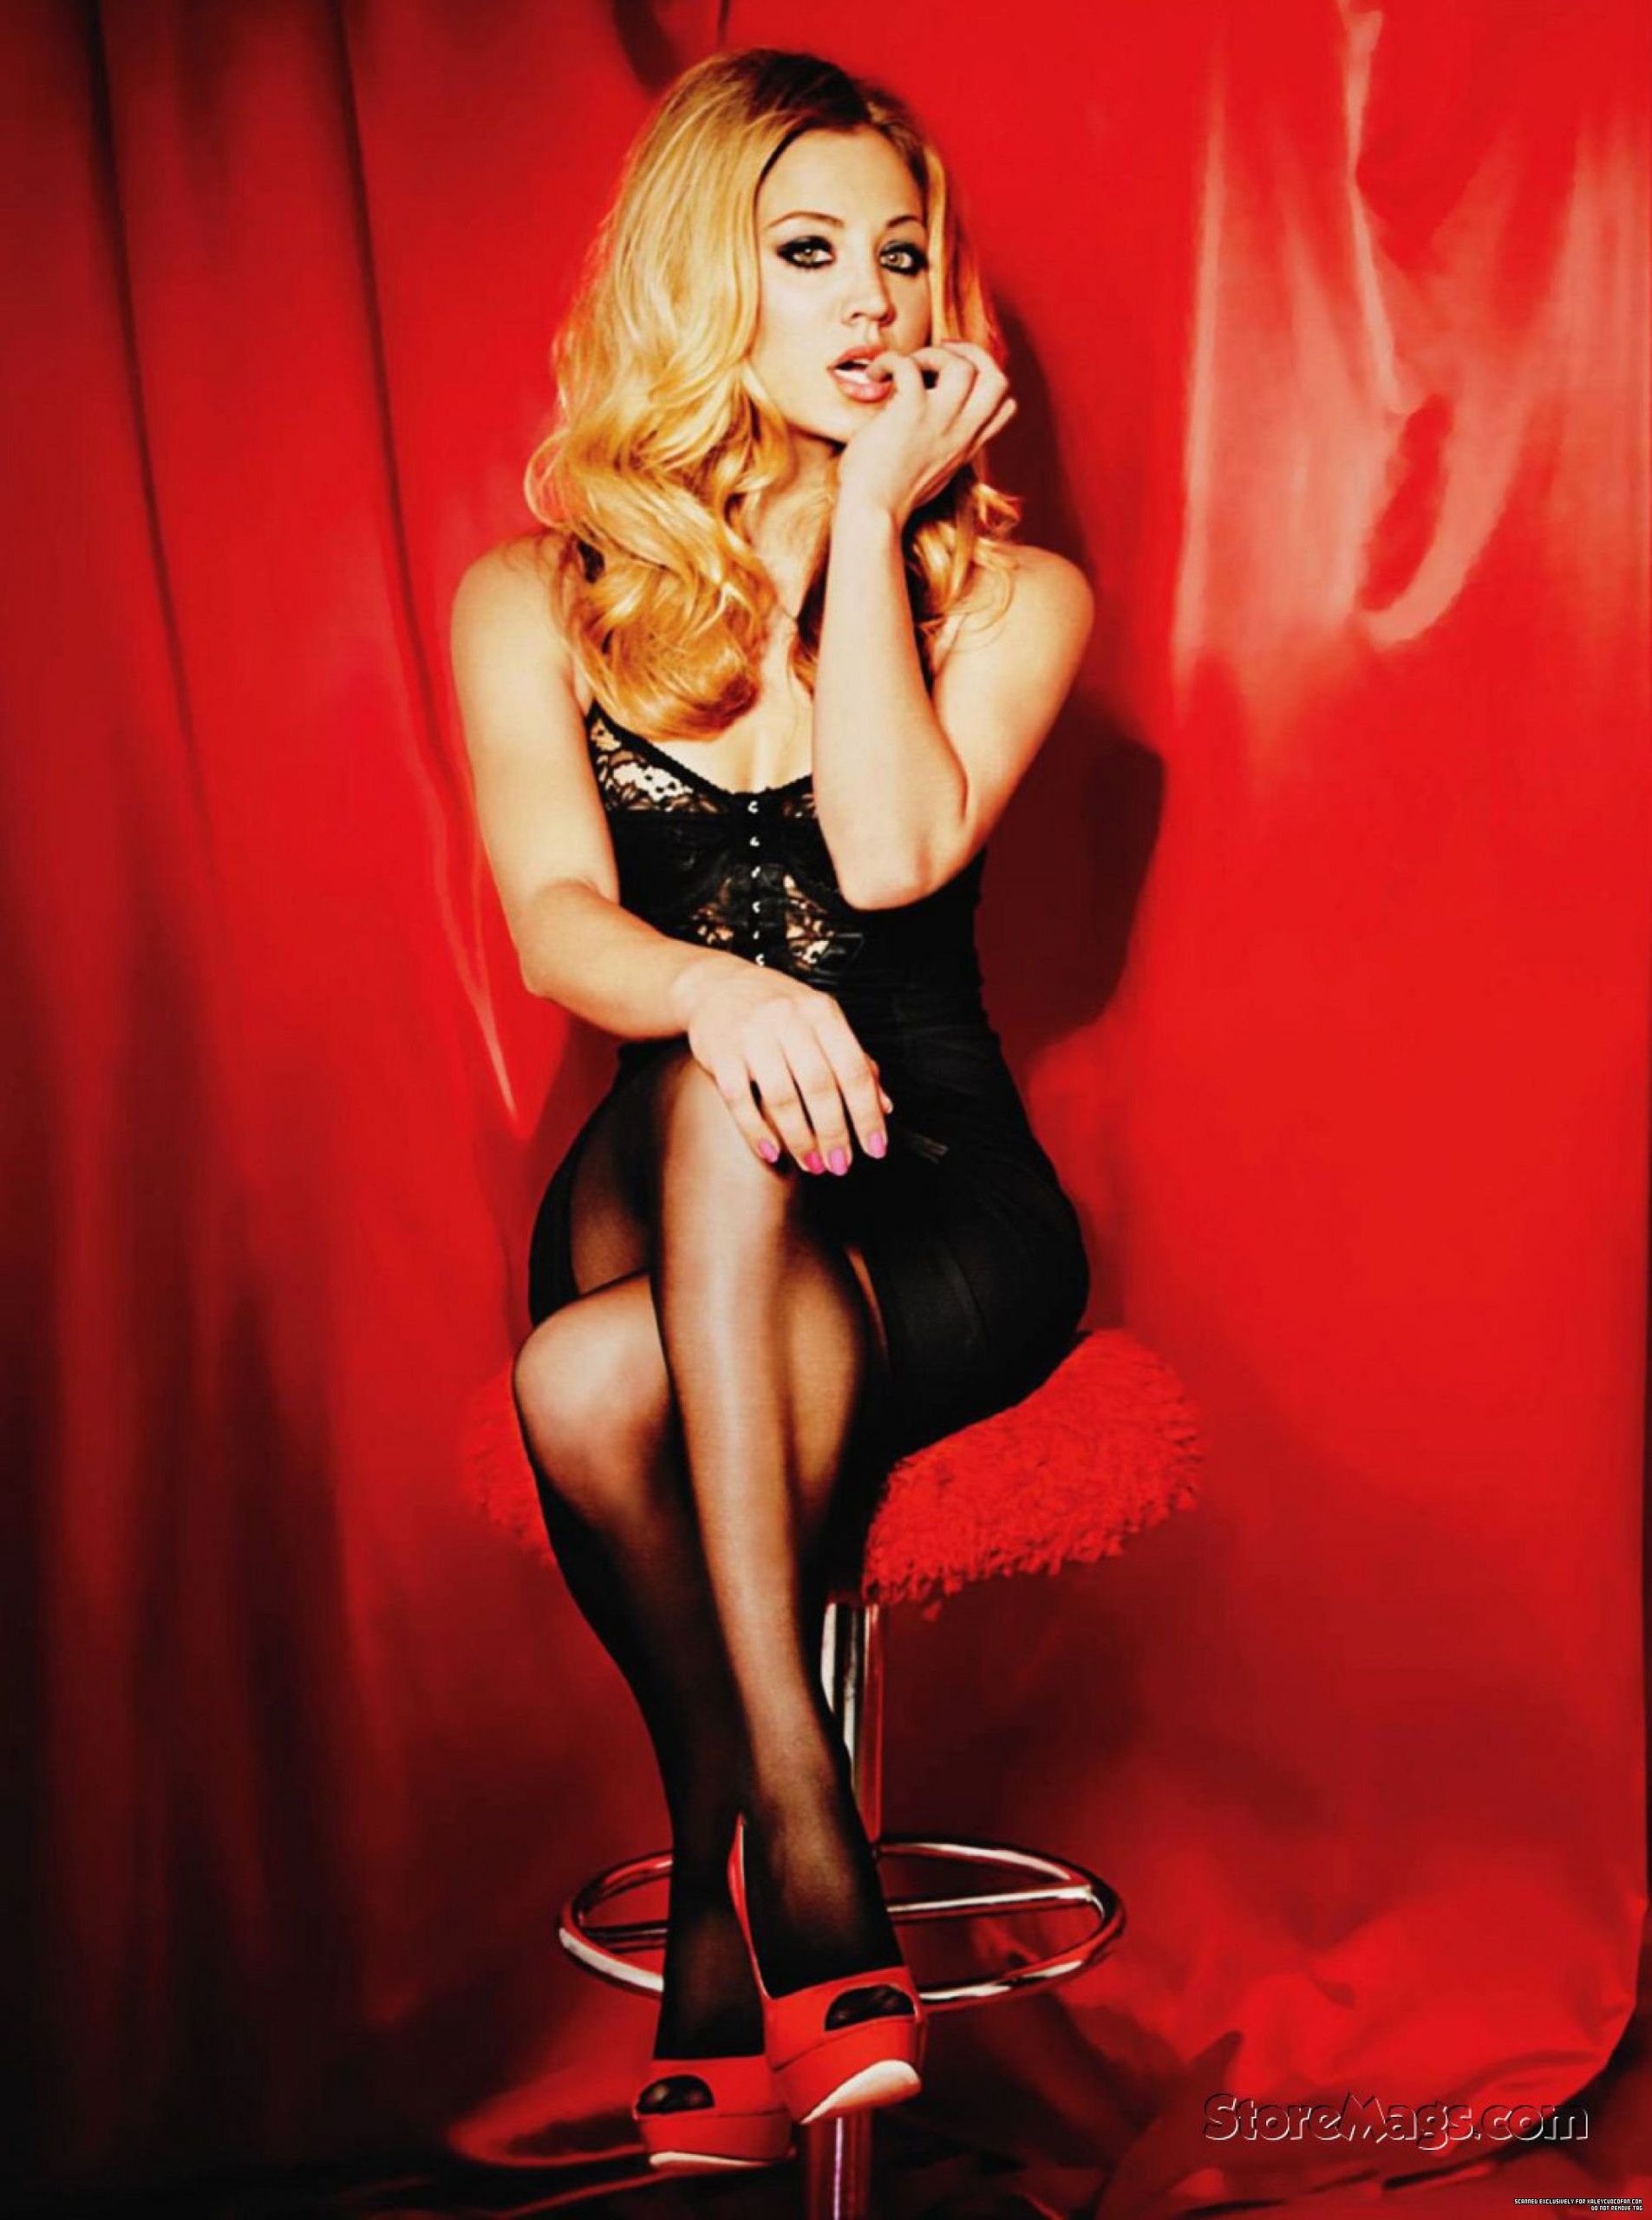 Playboy - December 2011